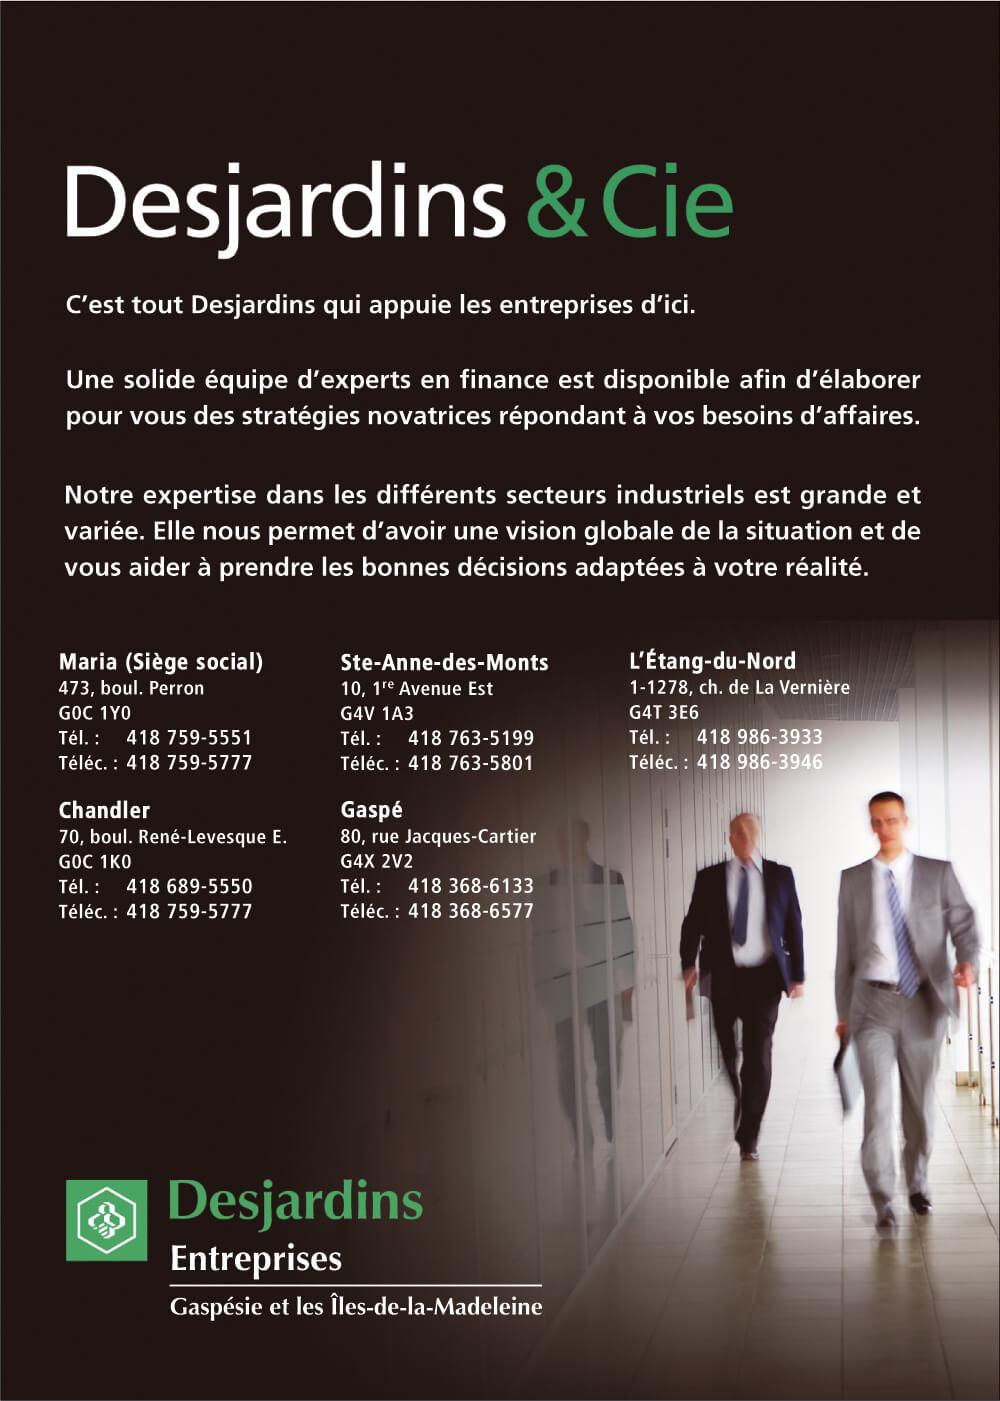 Desjardins - Centre financier aux entreprises